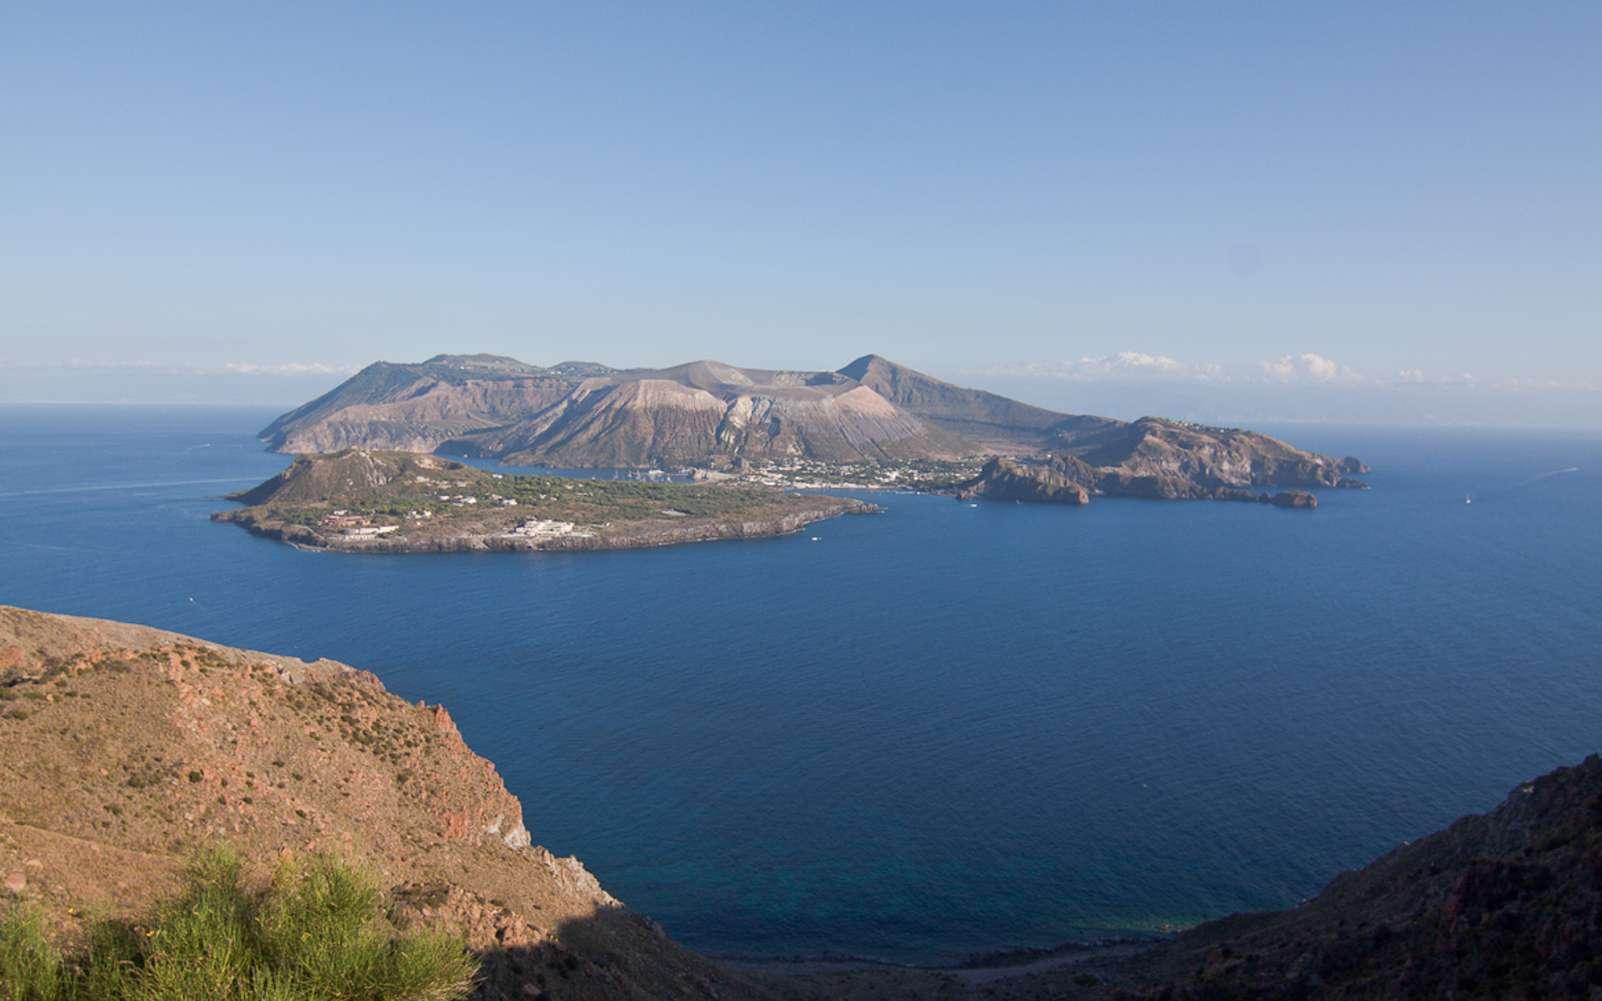 L'adjectif « vulcanien » fait référence aux éruptions observées sur l'île de Vulcano, dans les îles Éoliennes de l'Italie du Sud, au large de la Sicile. © Filippo Parisi, Wikimedia Commons, CC by 2.0